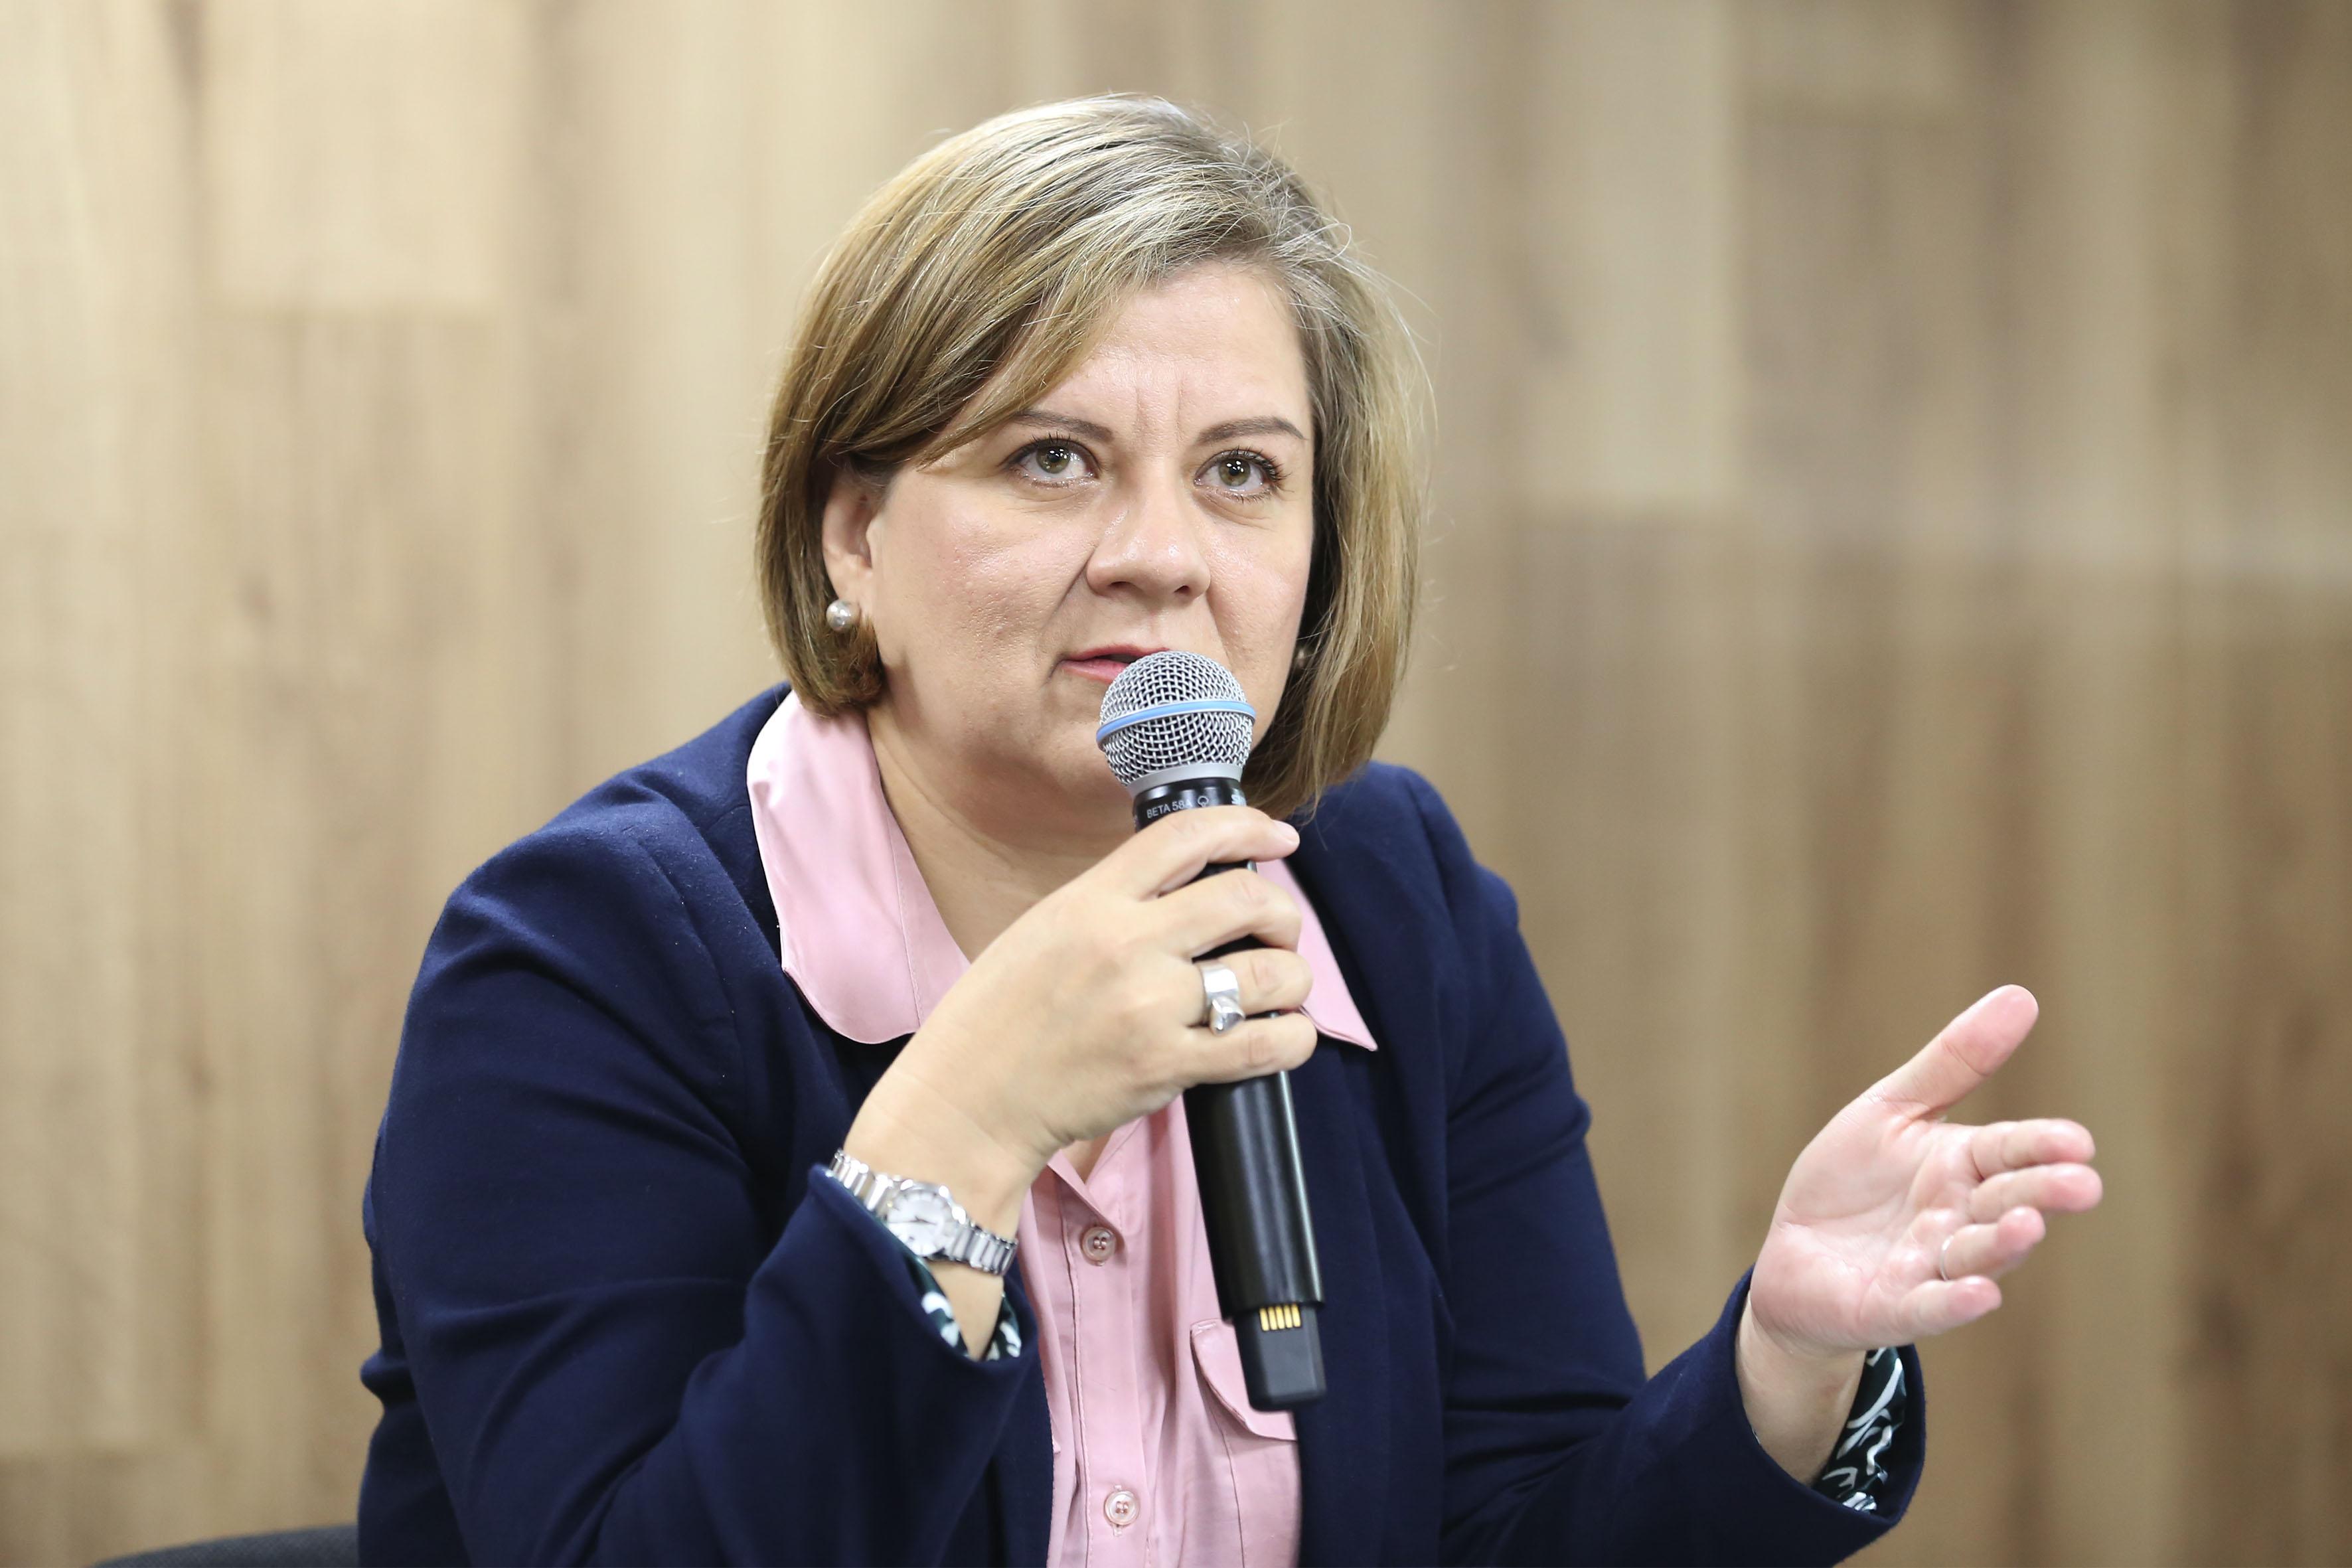 Mtra. Rosalía Orozco Murillo haciendo uso de la palabra